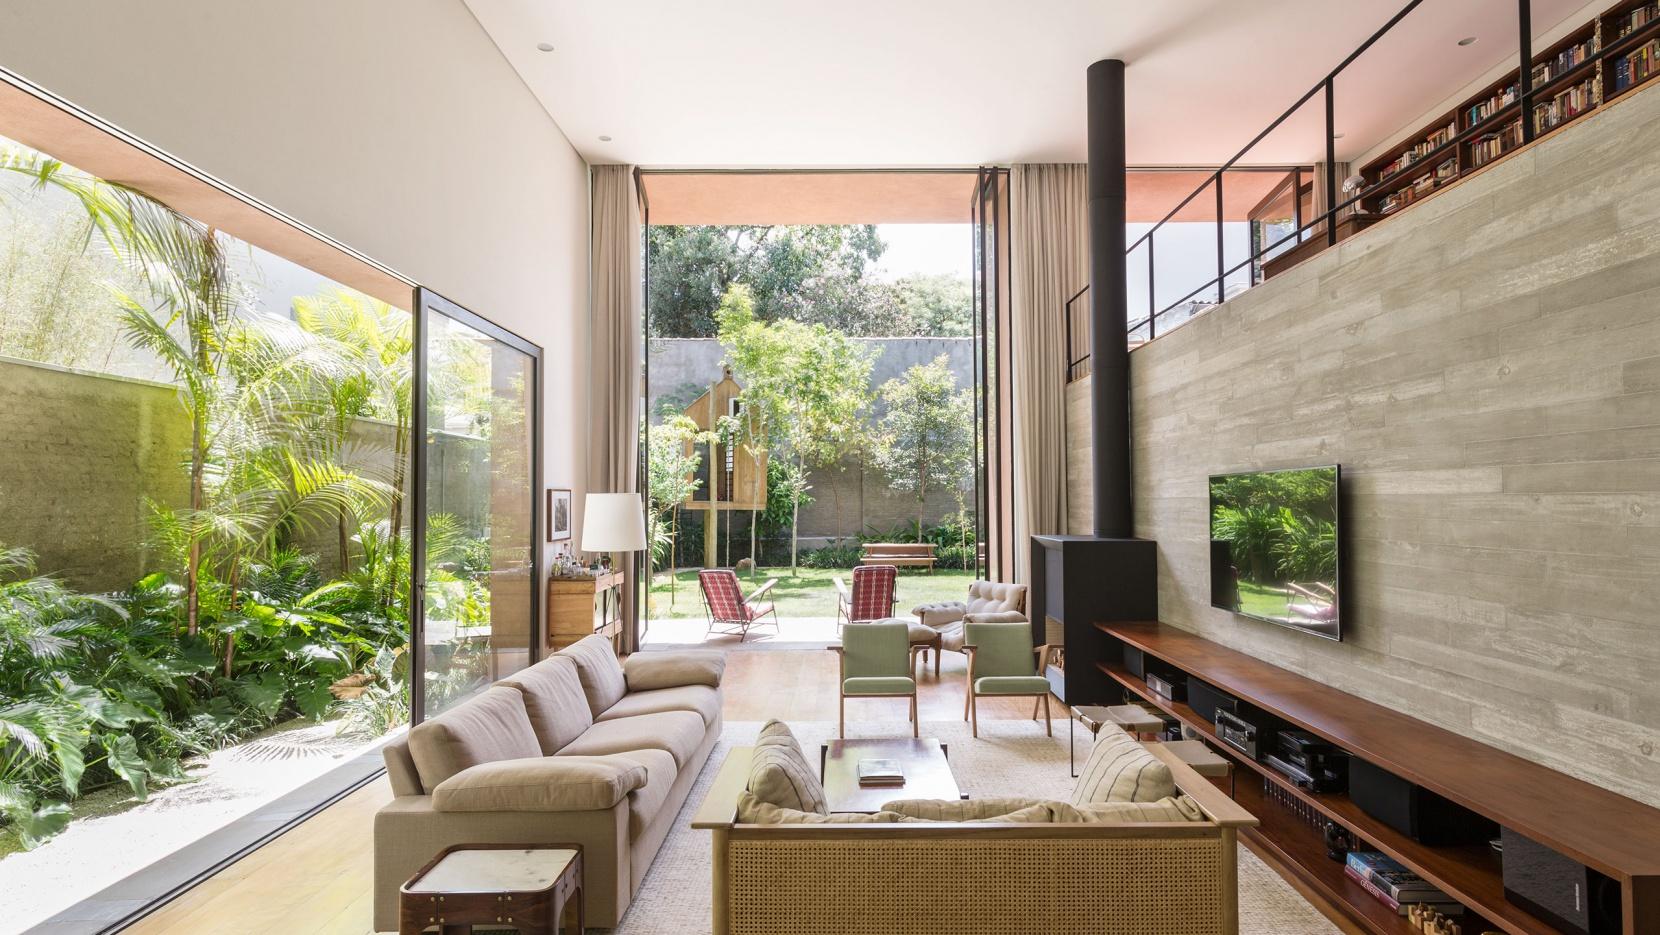 Casa Pinheiros: Contemporary Modernism In The Subtropics